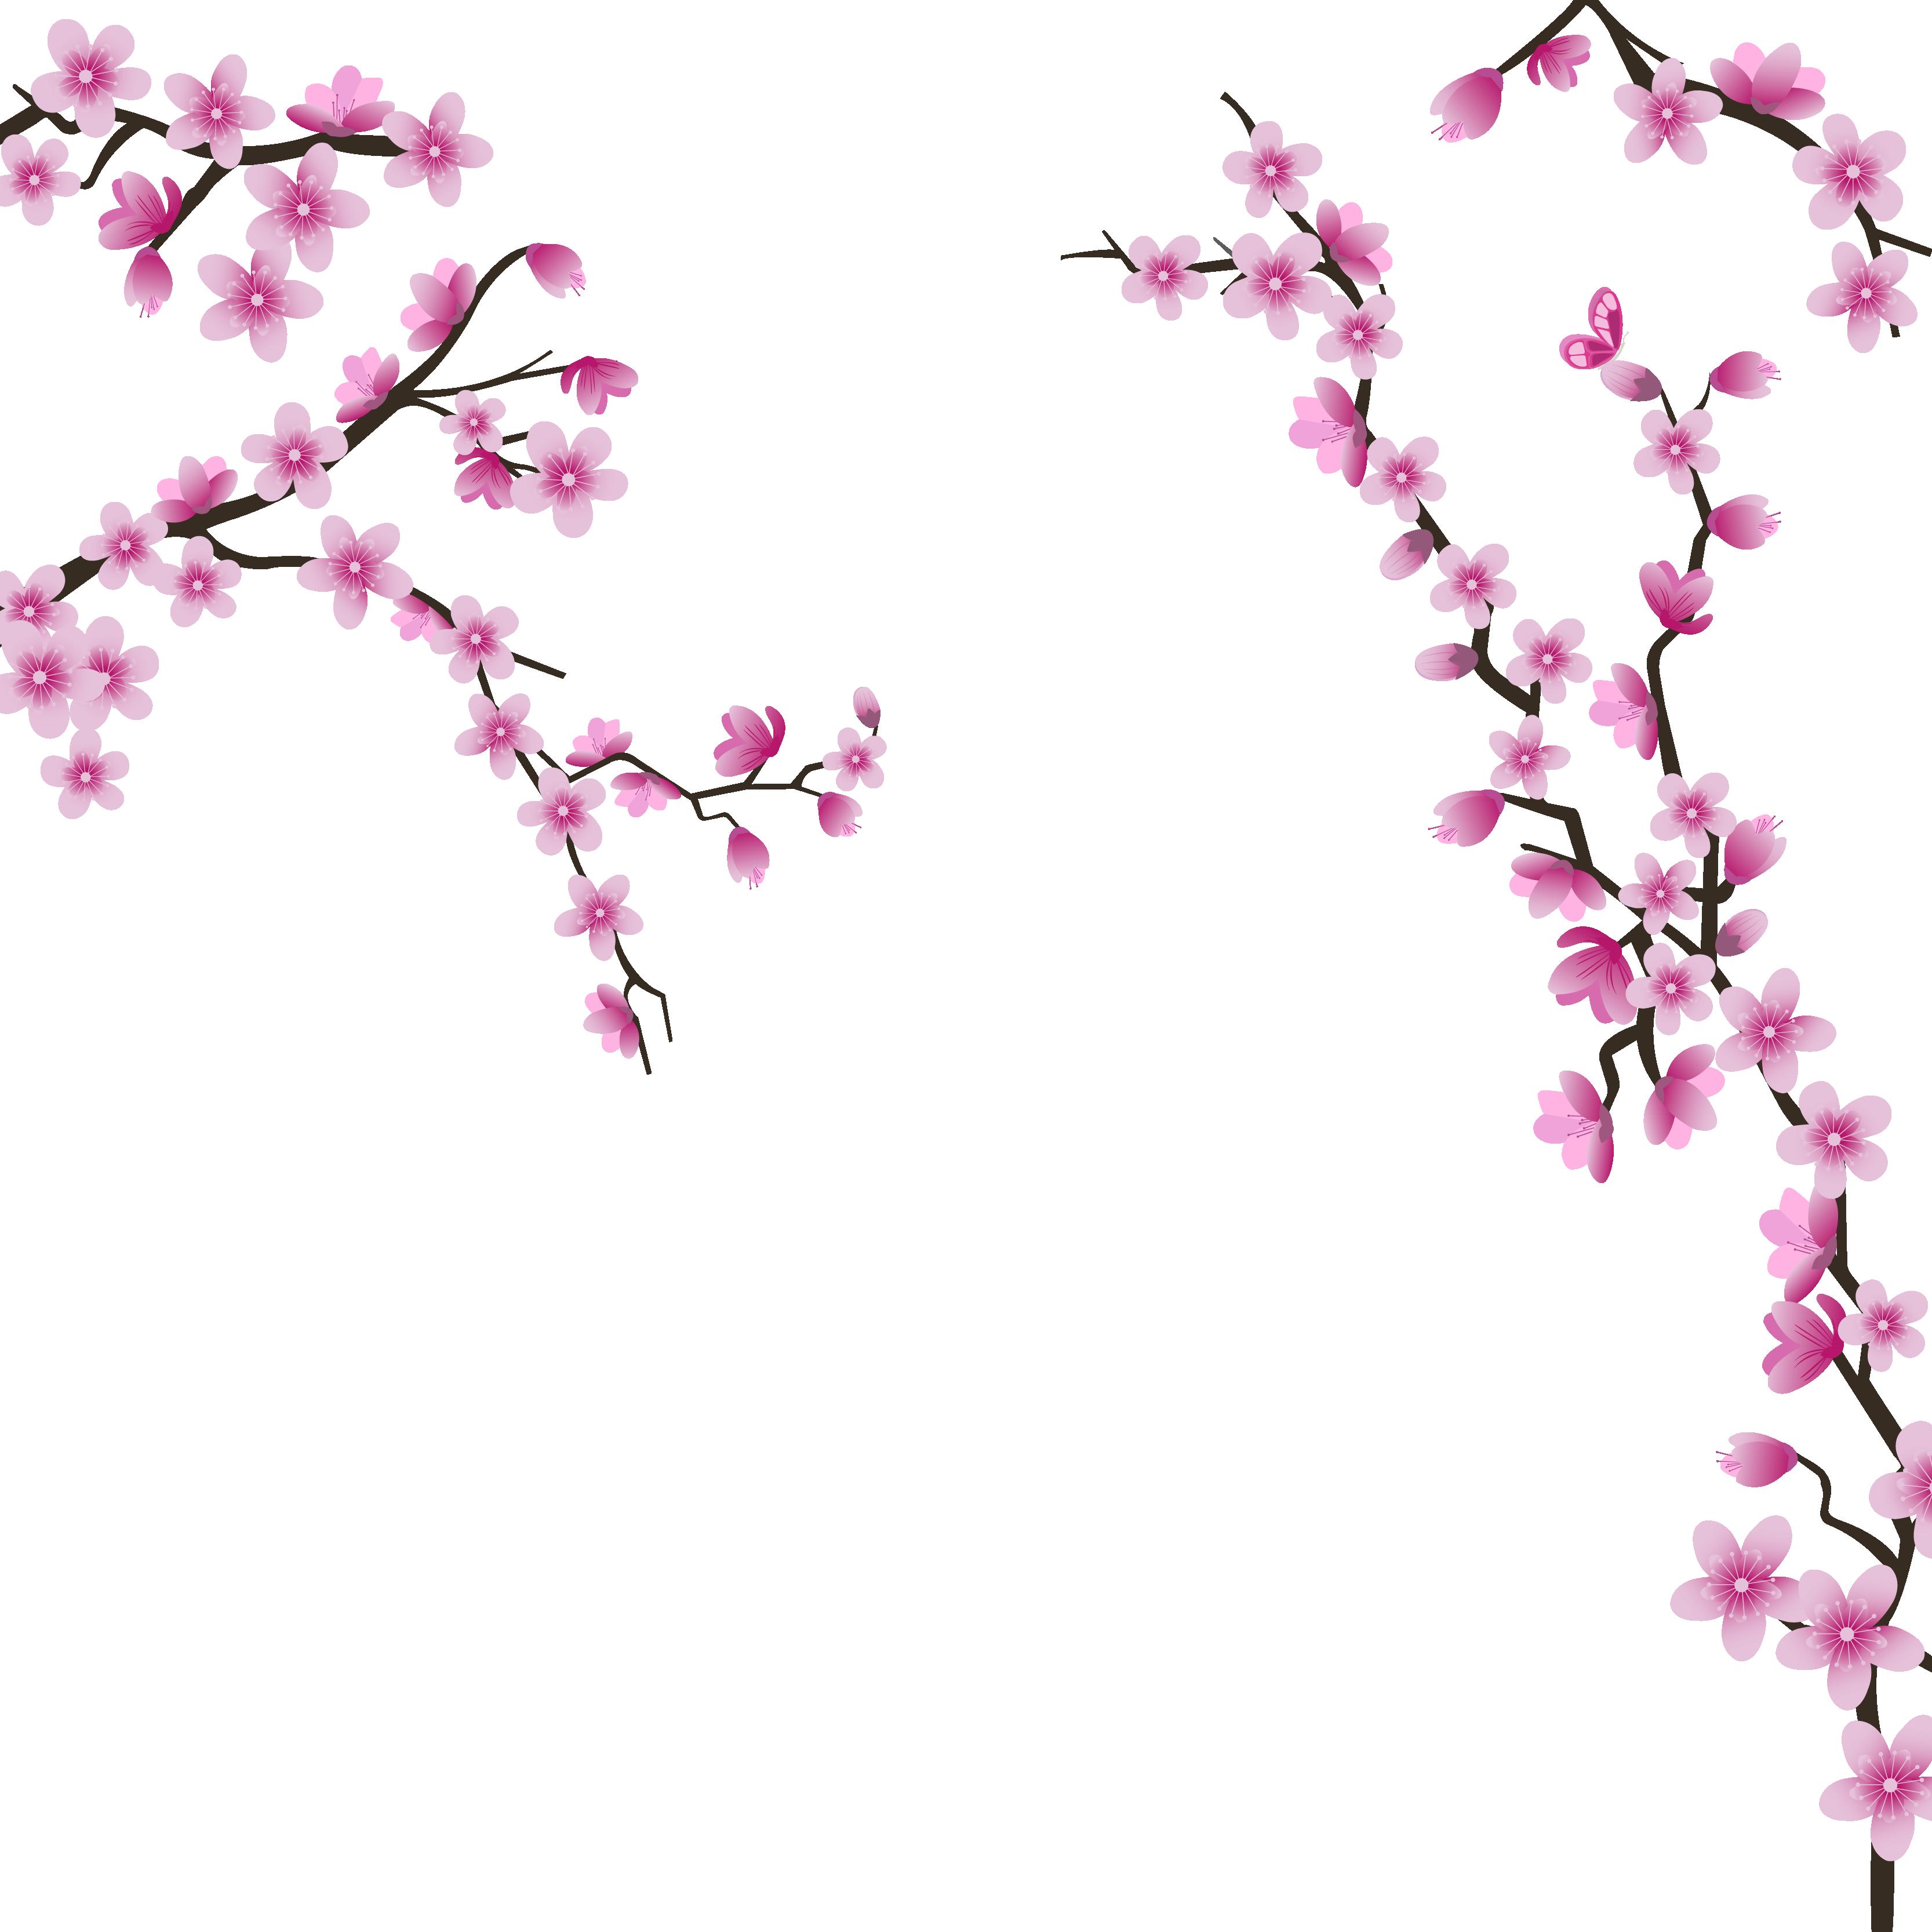 Hình ảnh hoa đào hồng đẹp